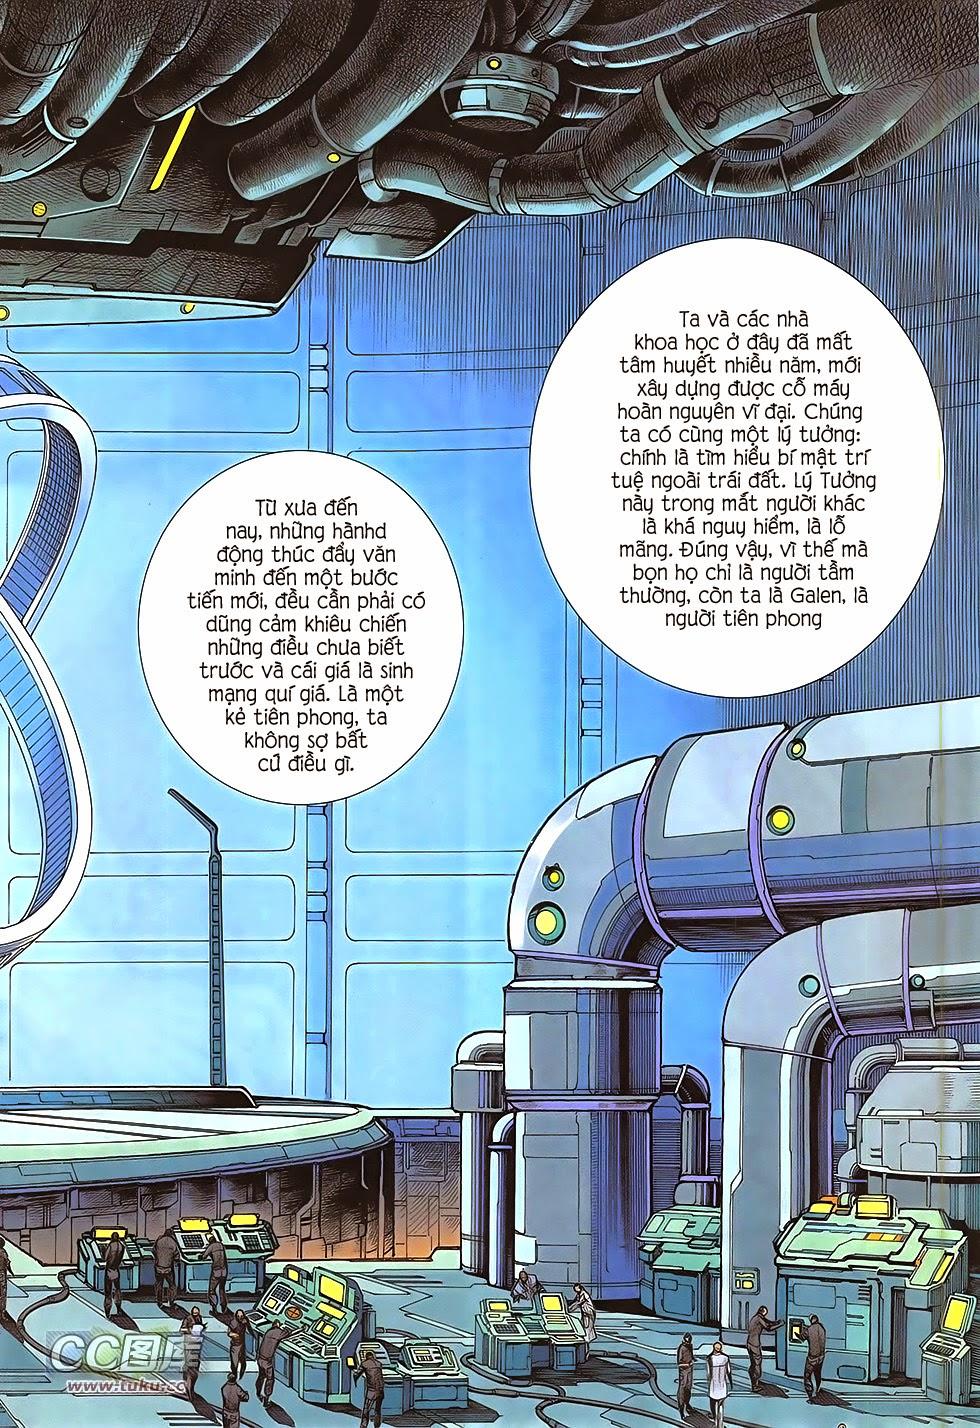 Đại Quân Phiệt chap 47: lời hứa trước khi thế giới chung kết trang 11